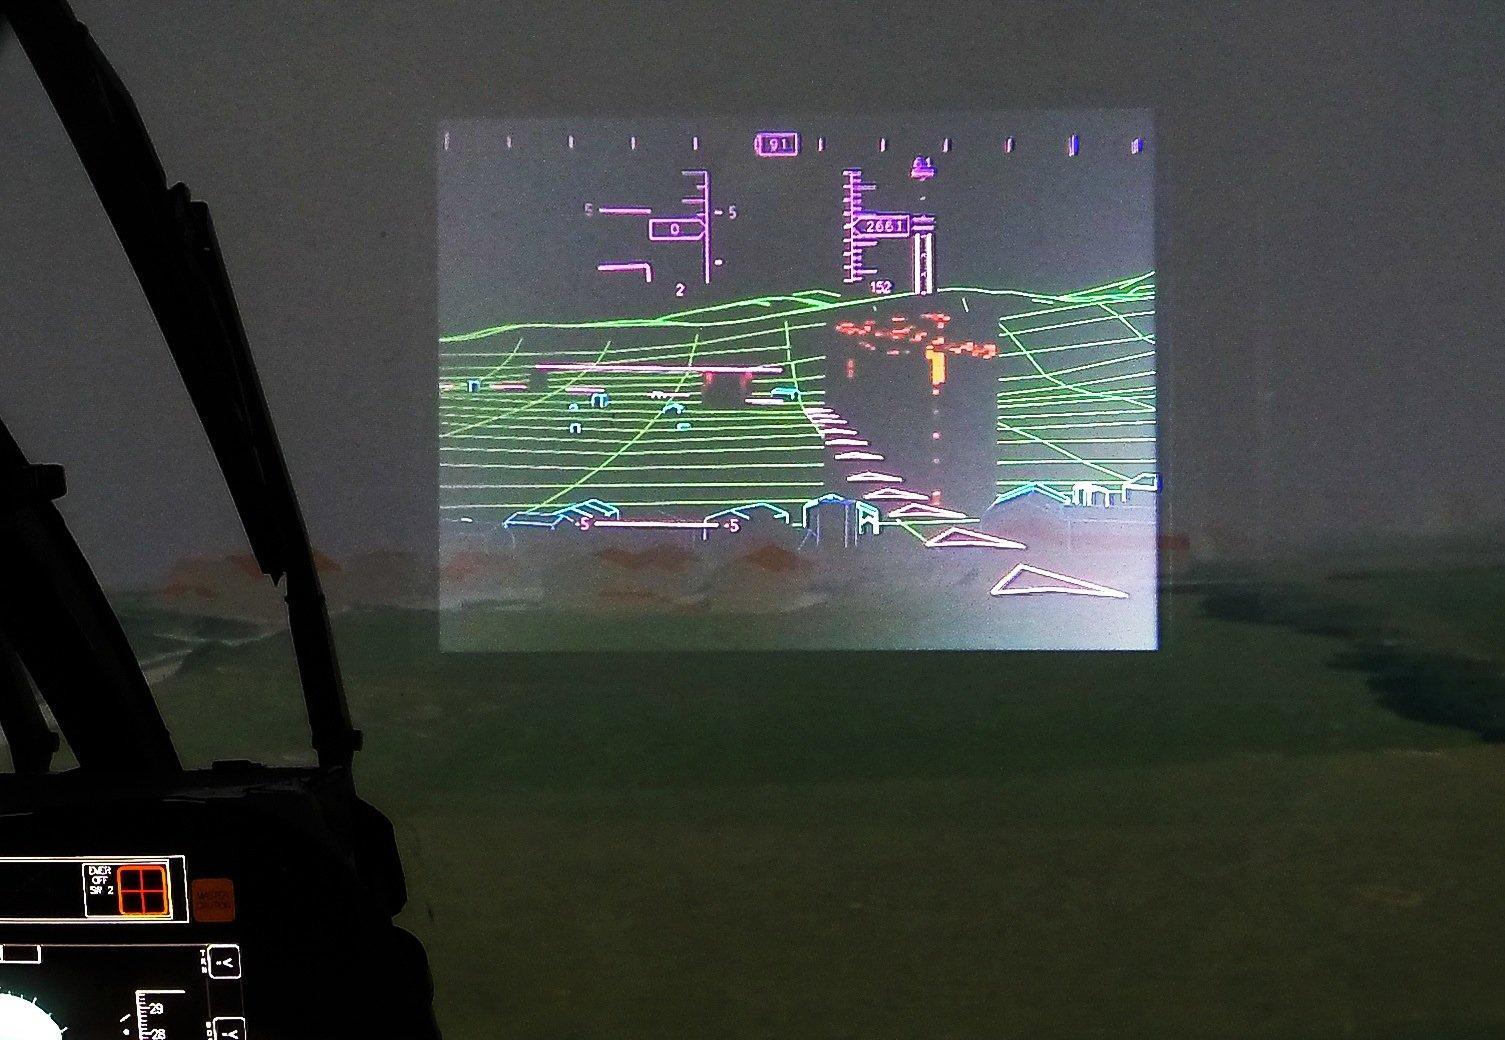 Obwohl der Pilot zum Beispiel nachts wenig sieht, können ihm weitere Informationen per VR-Brille eingeblendet werden.